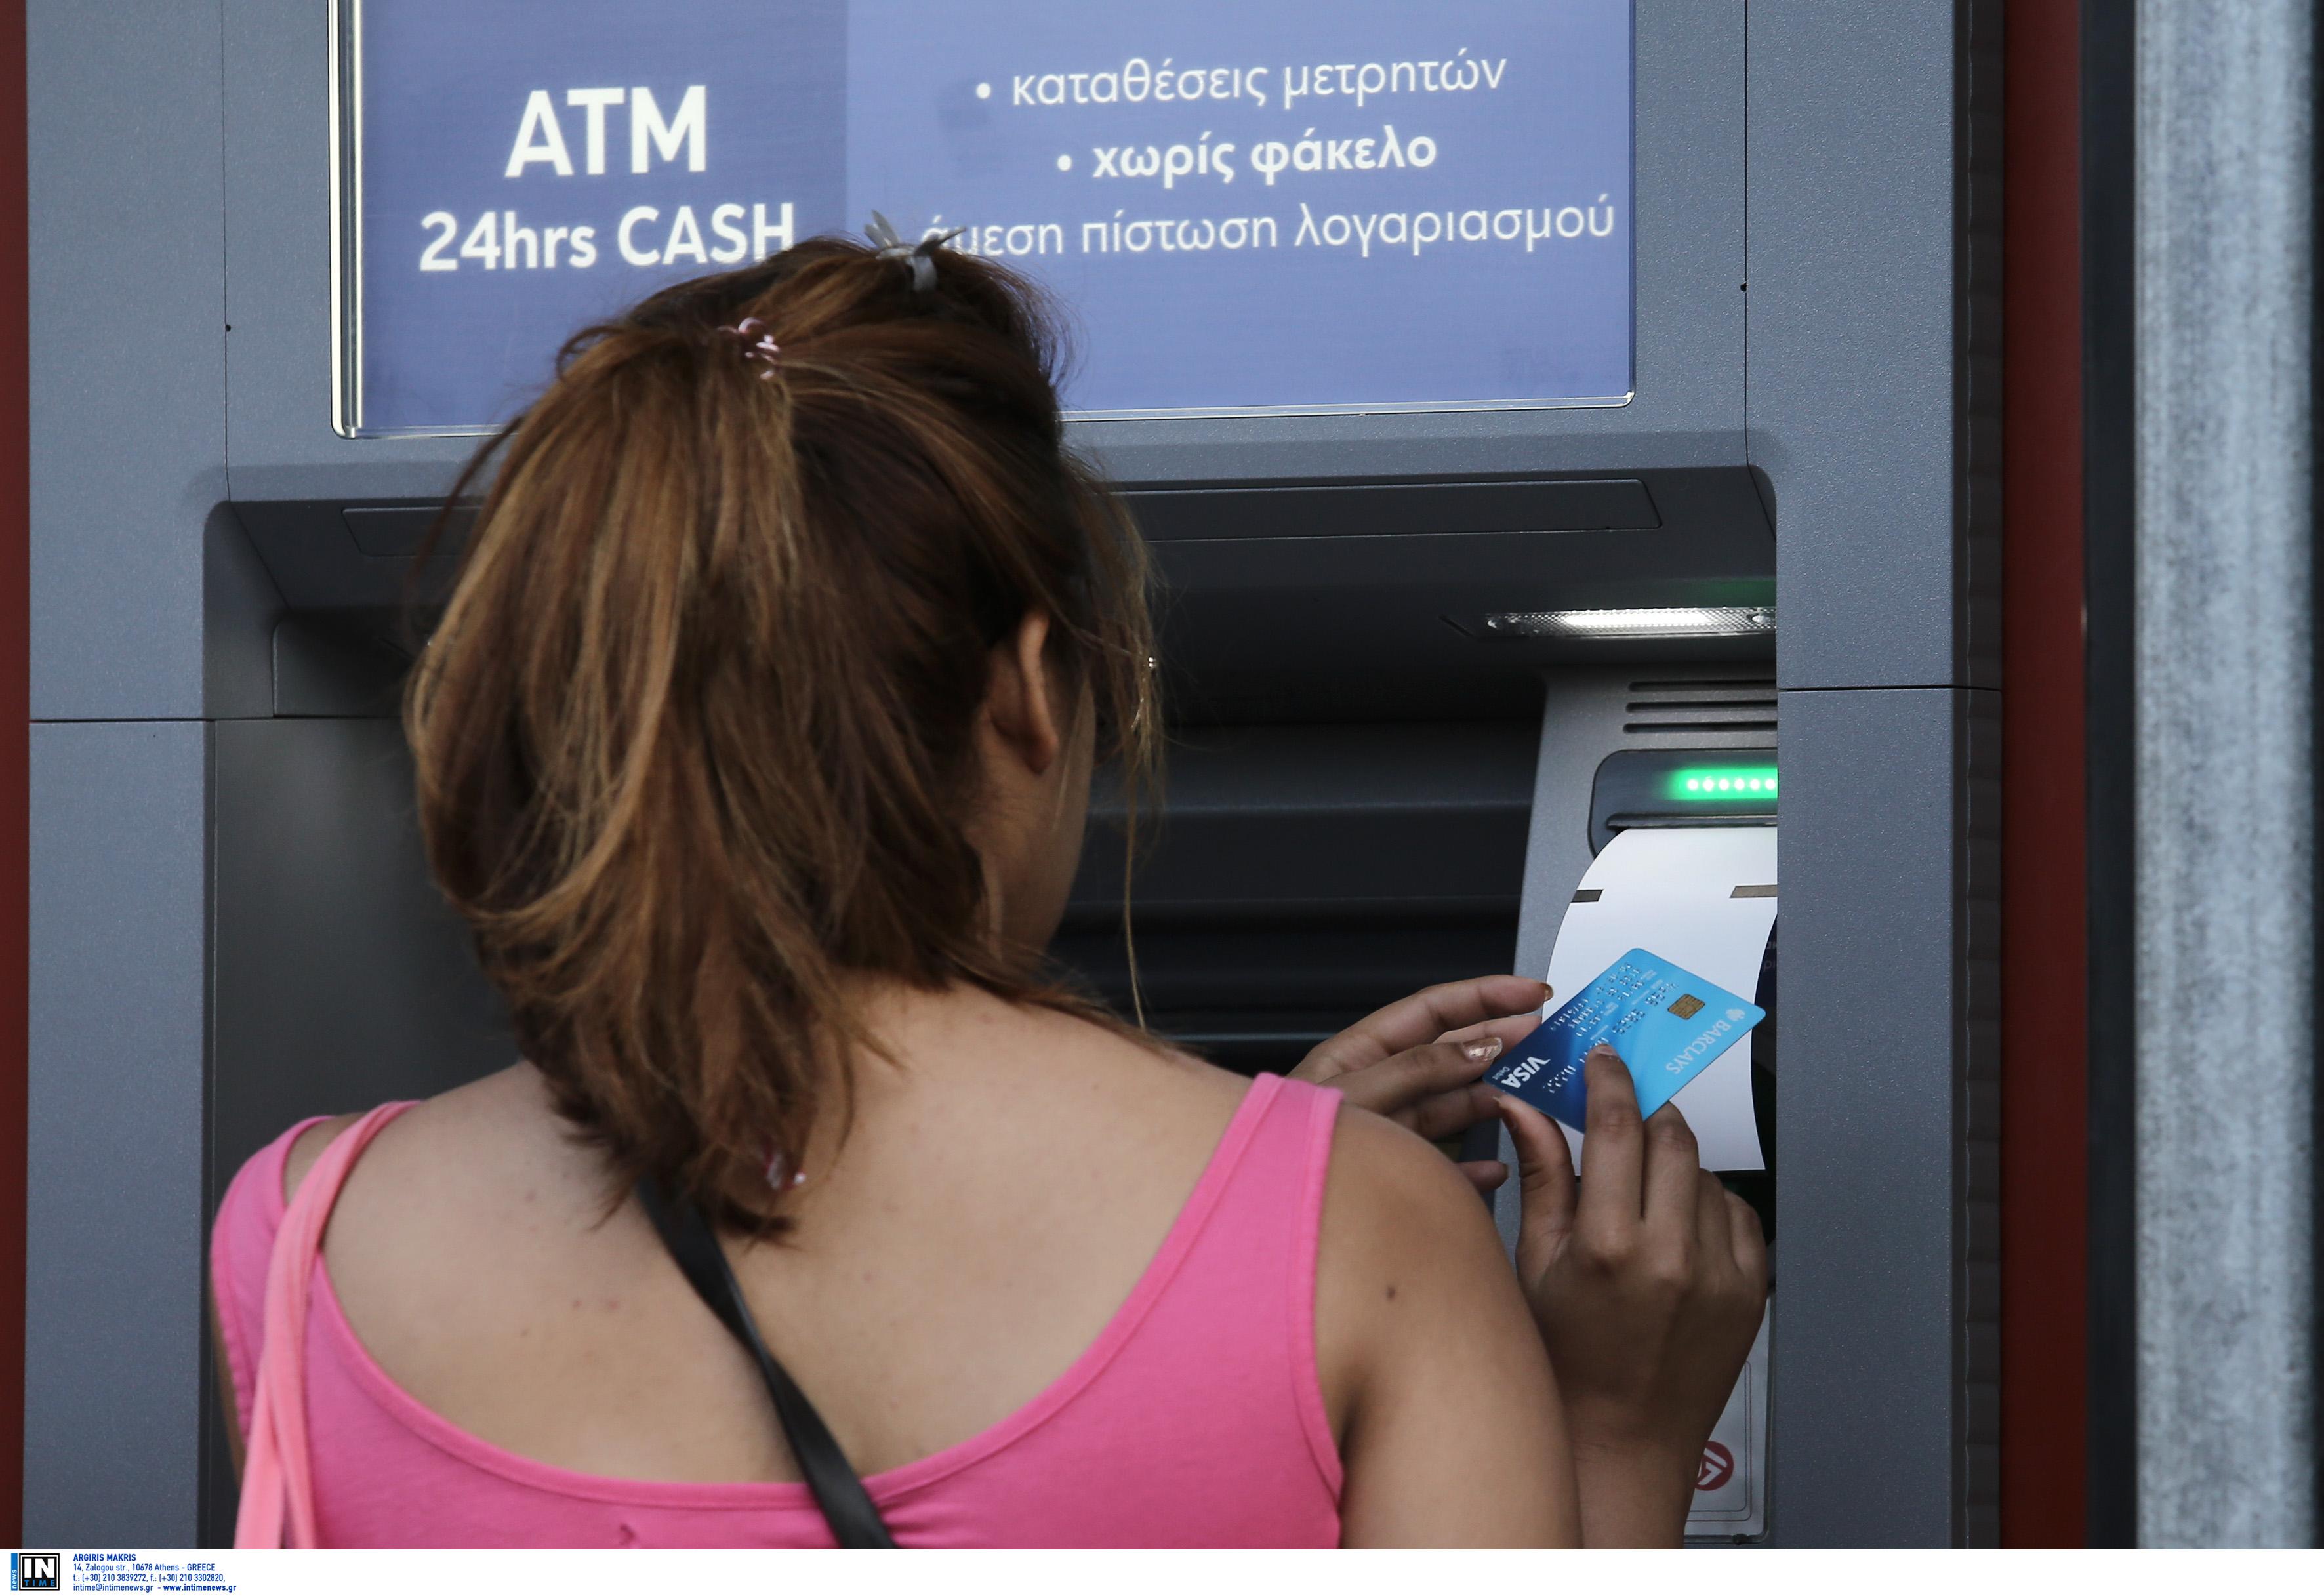 Τράπεζες: Χρεώνουν ακόμη και την αλλαγή PIN ή την επανέκδοση κάρτας!